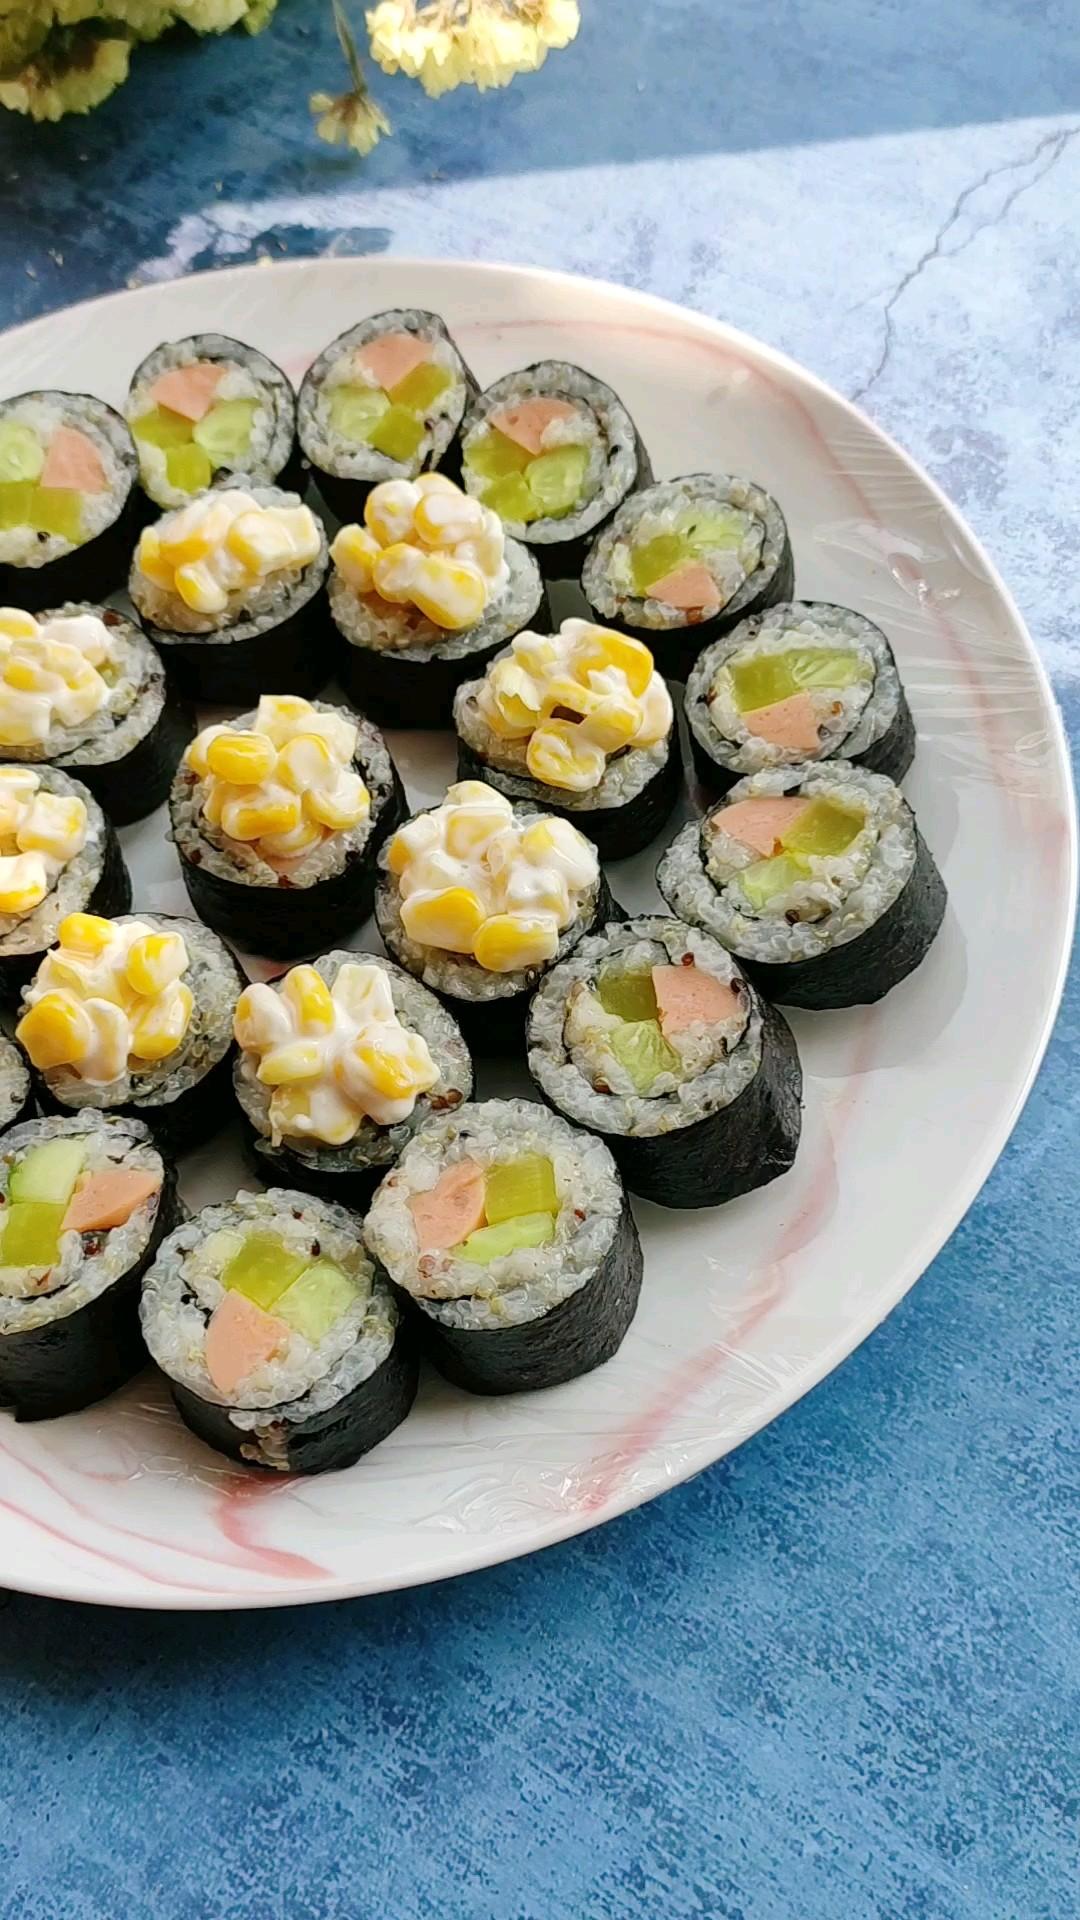 藜麦米寿司